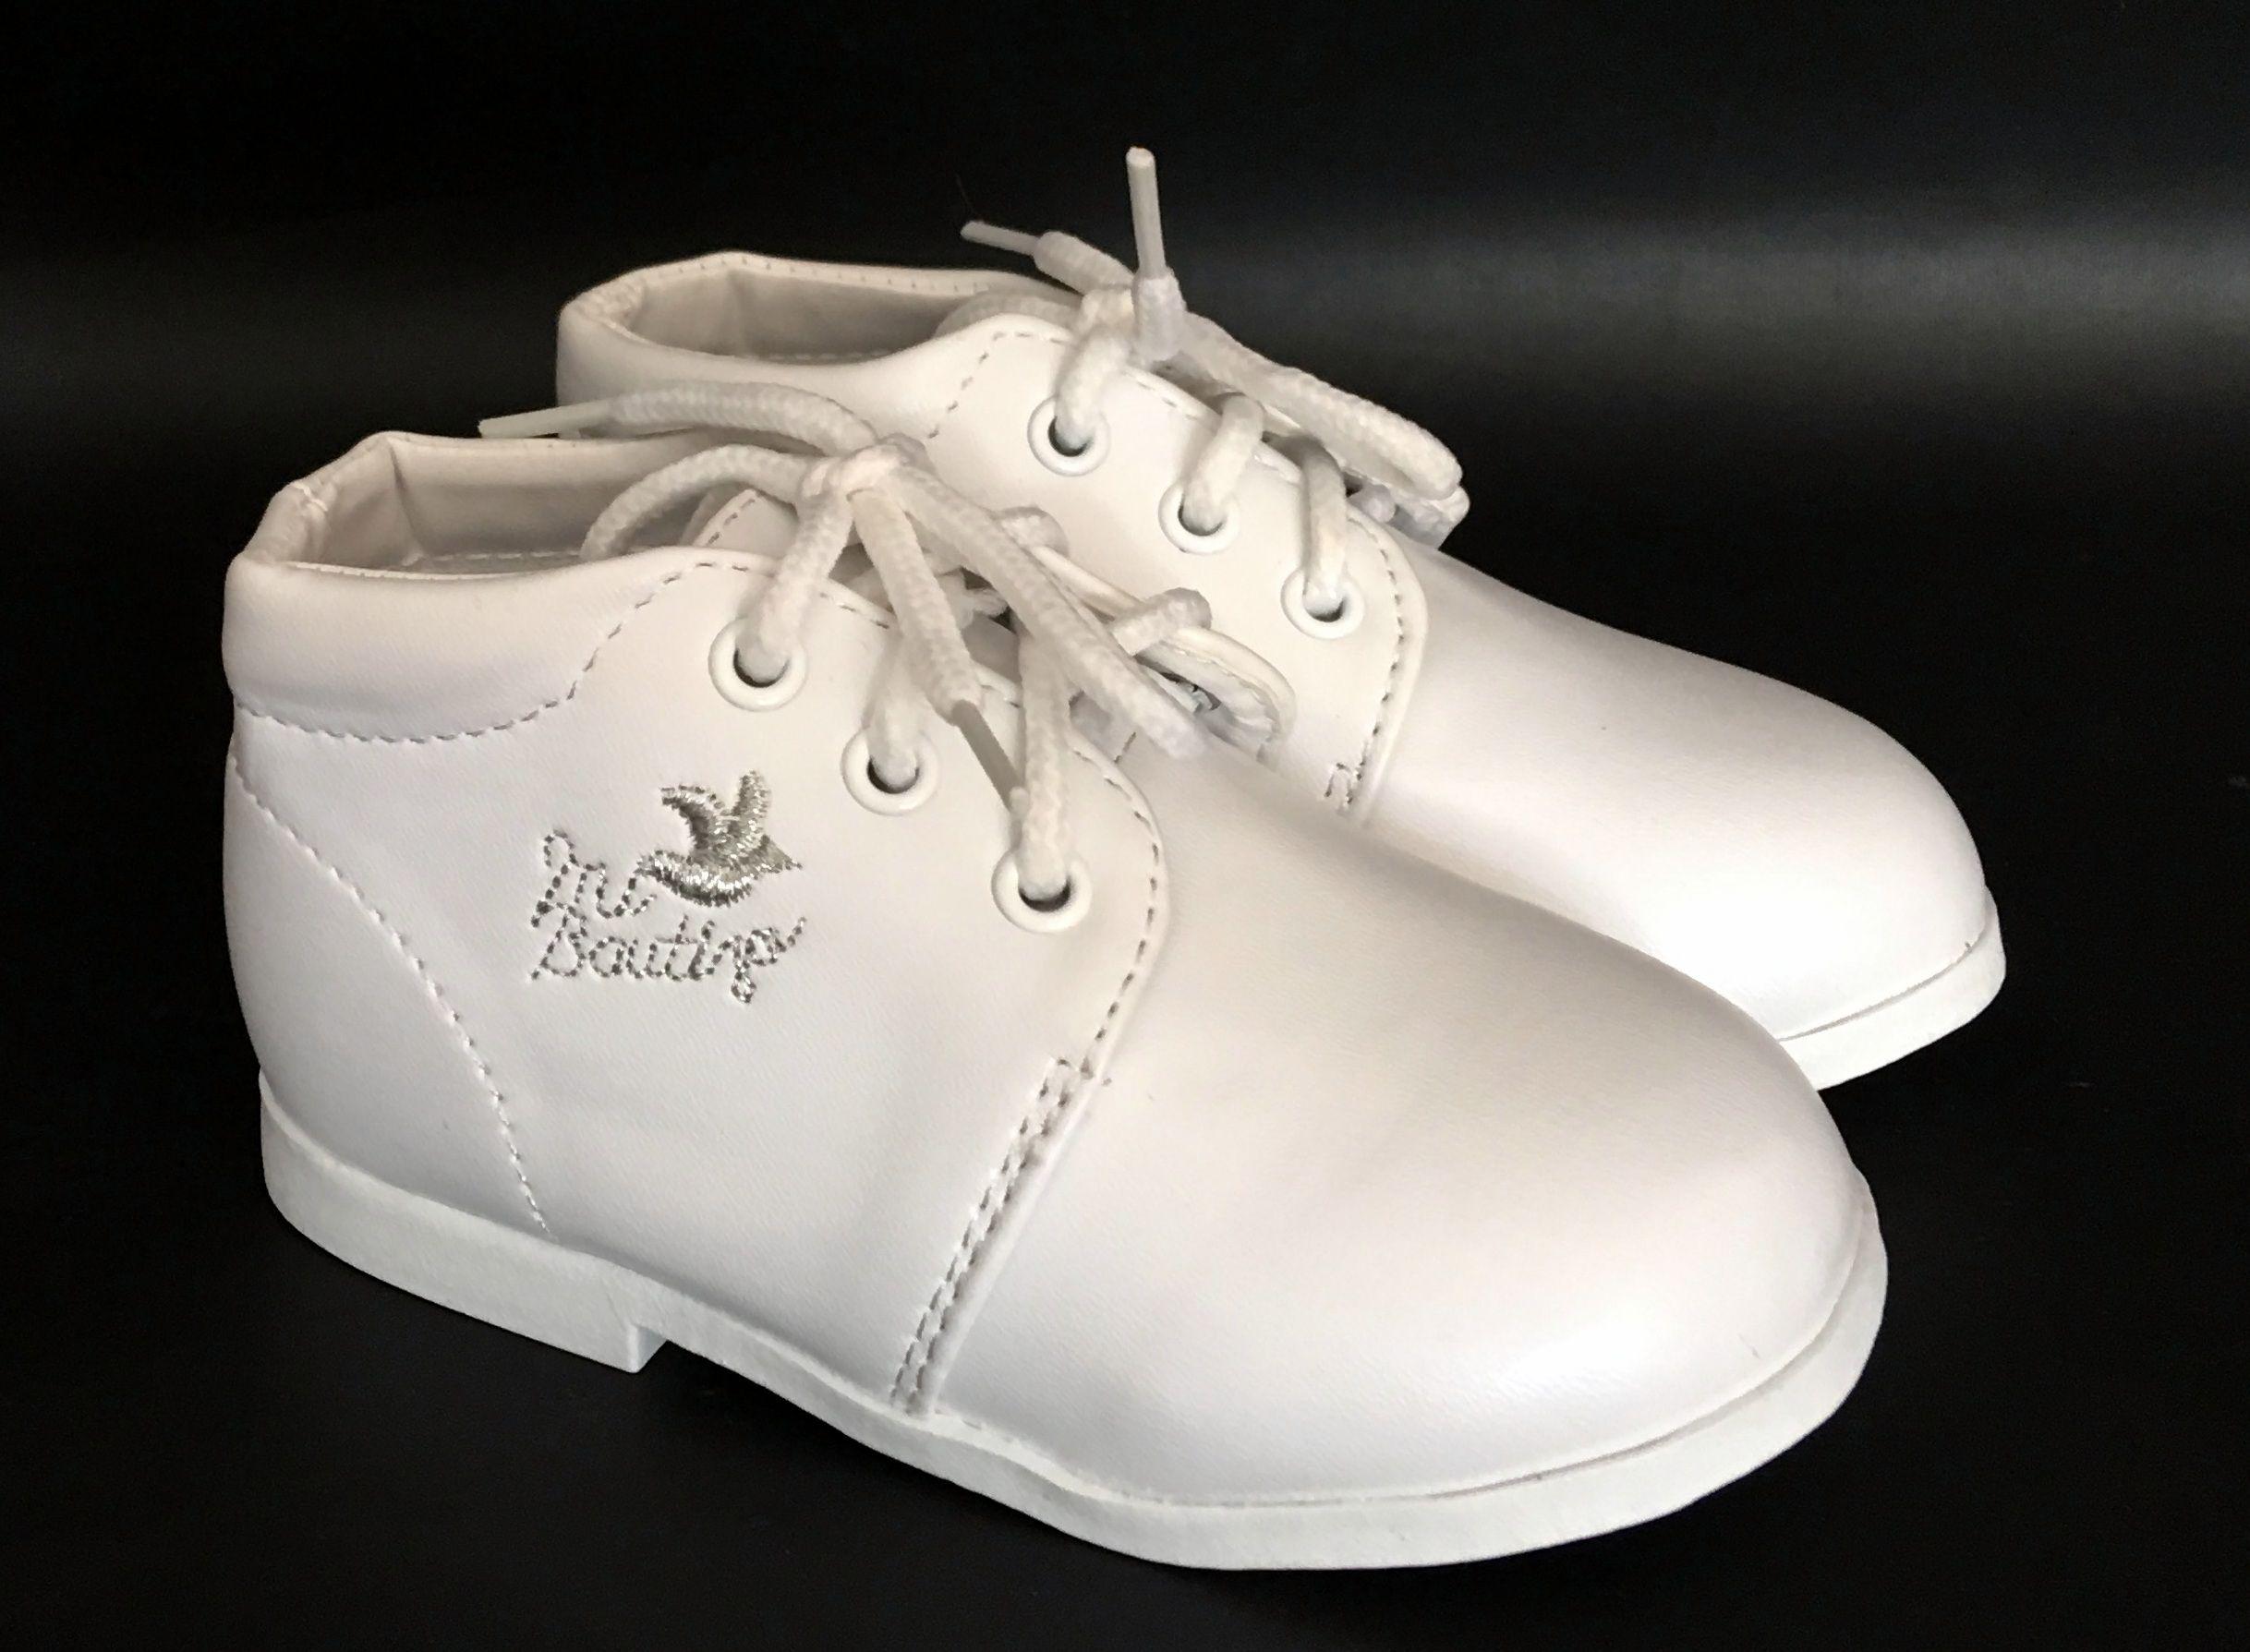 Kisfiú keresztelő cipő 8900.-Ft